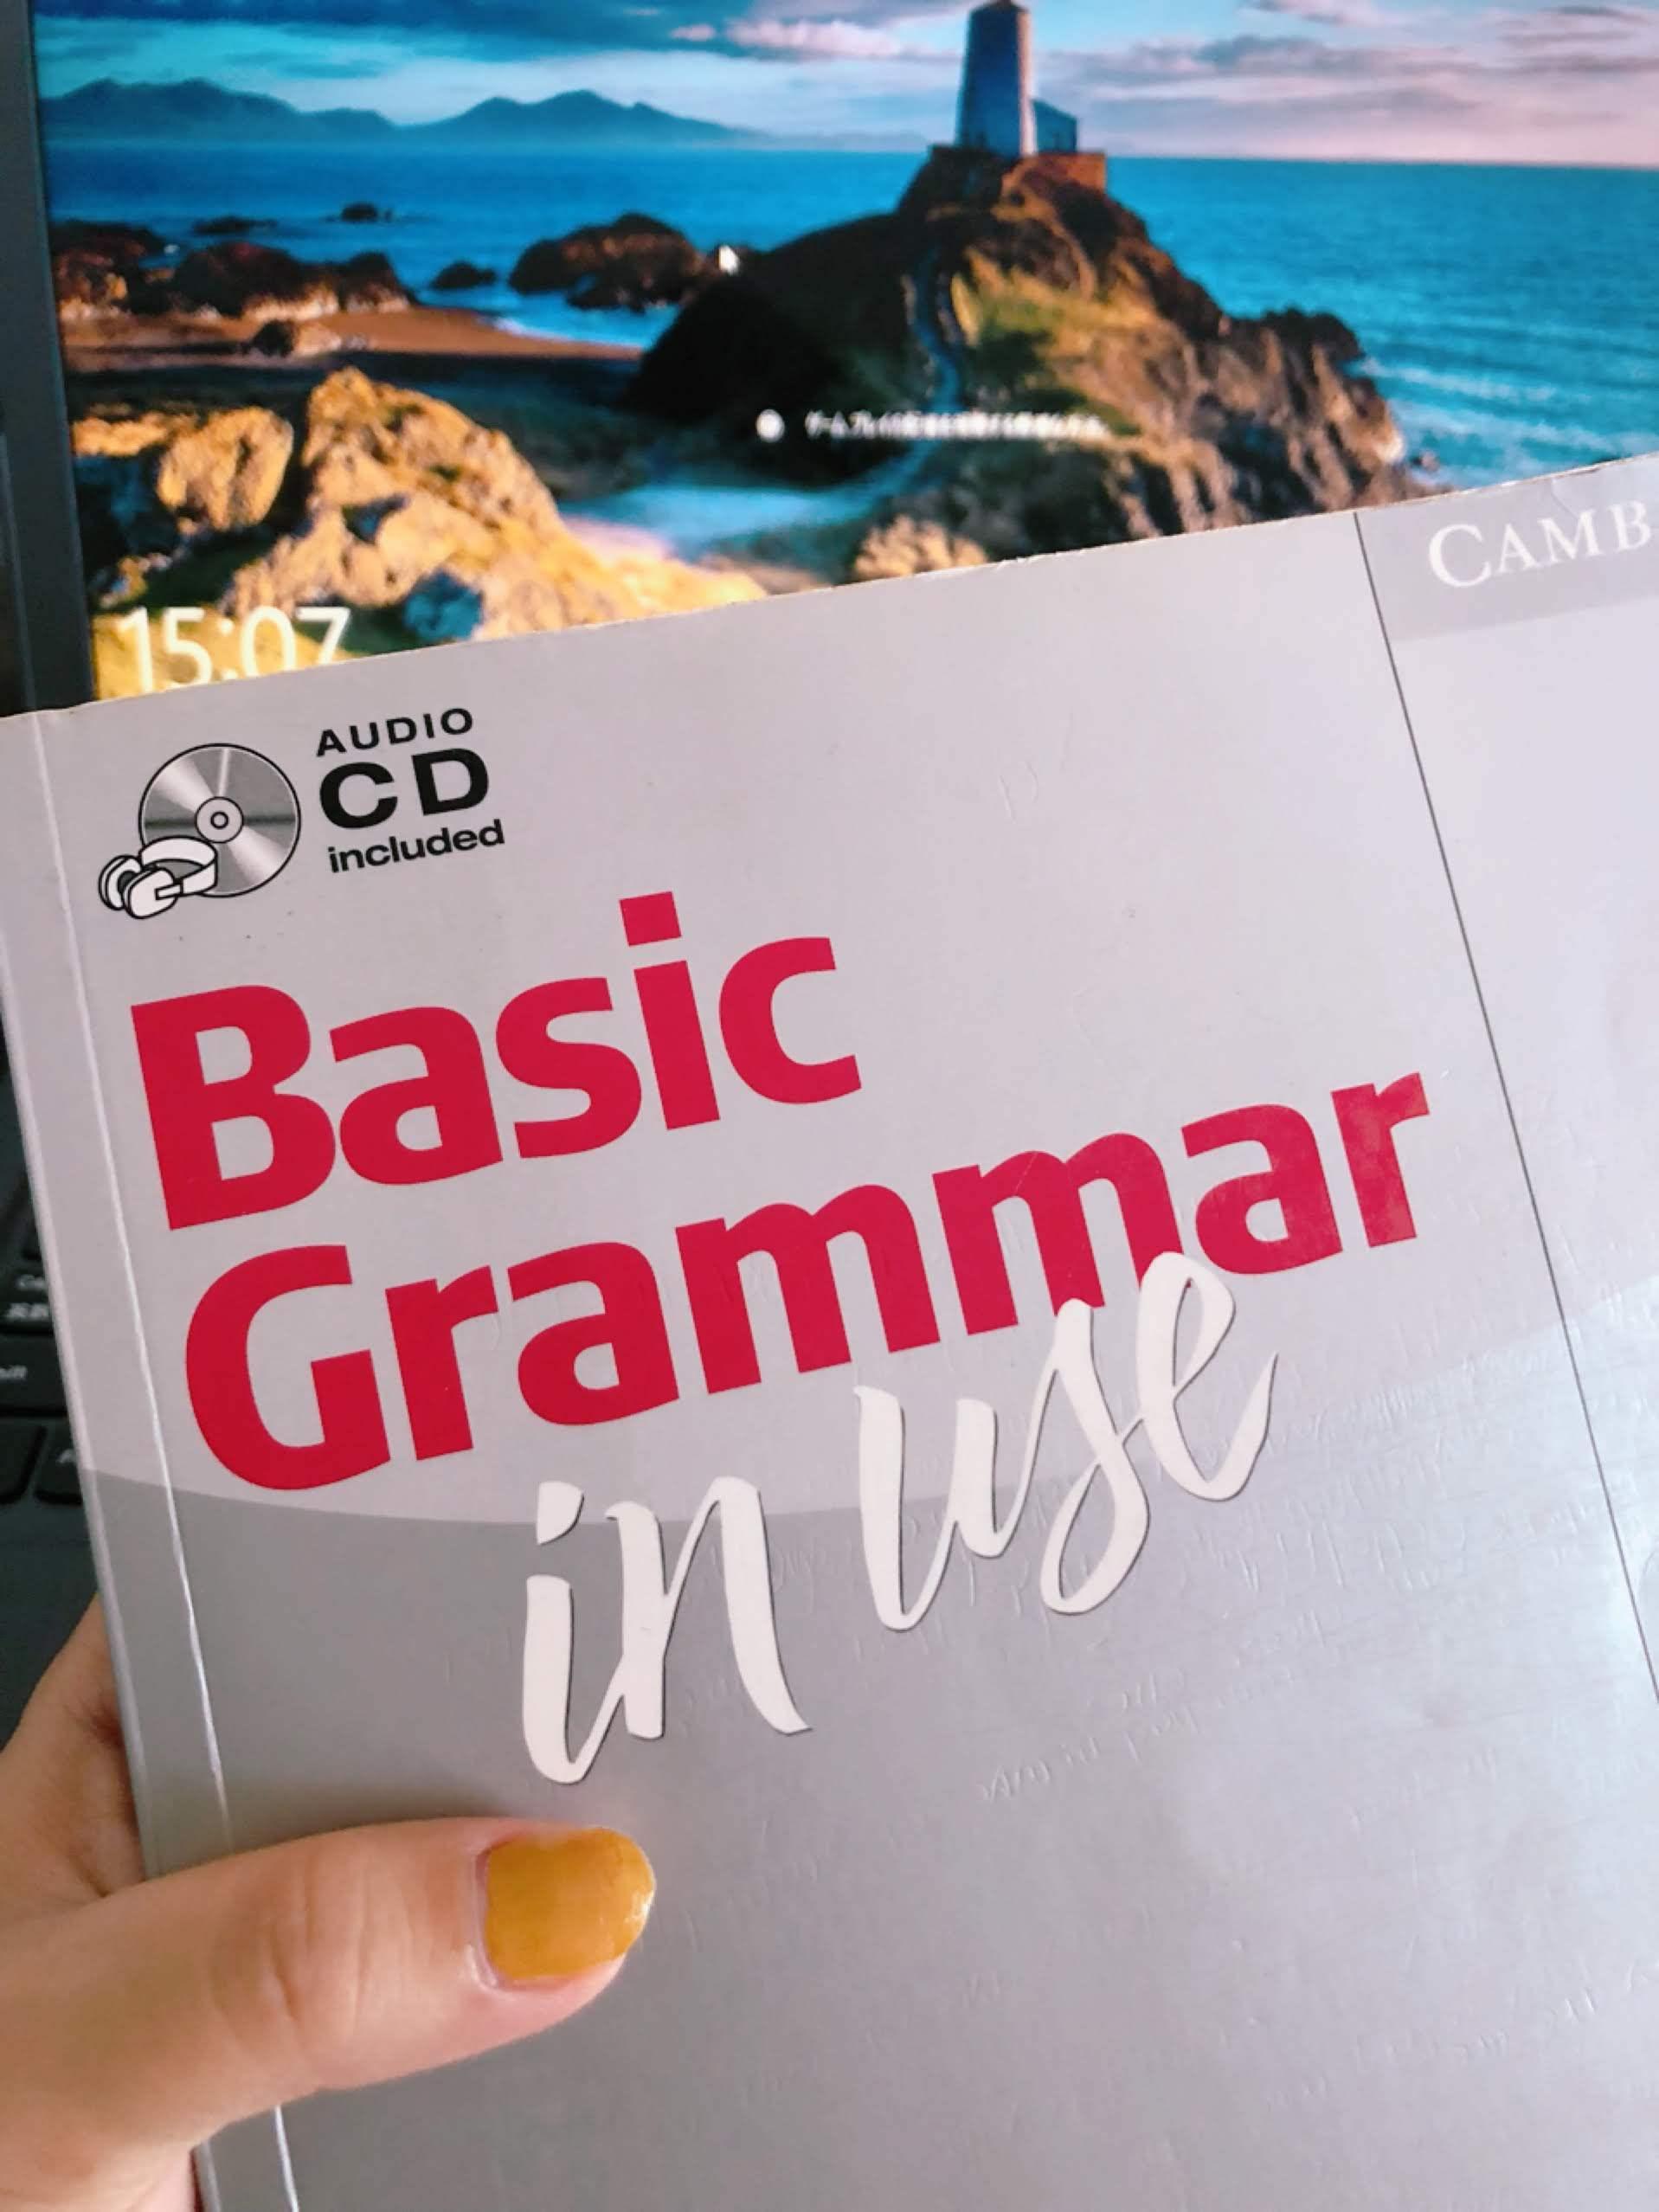 「by」の使い方でもう迷わない!英語の前置詞の意味はイメージで覚える